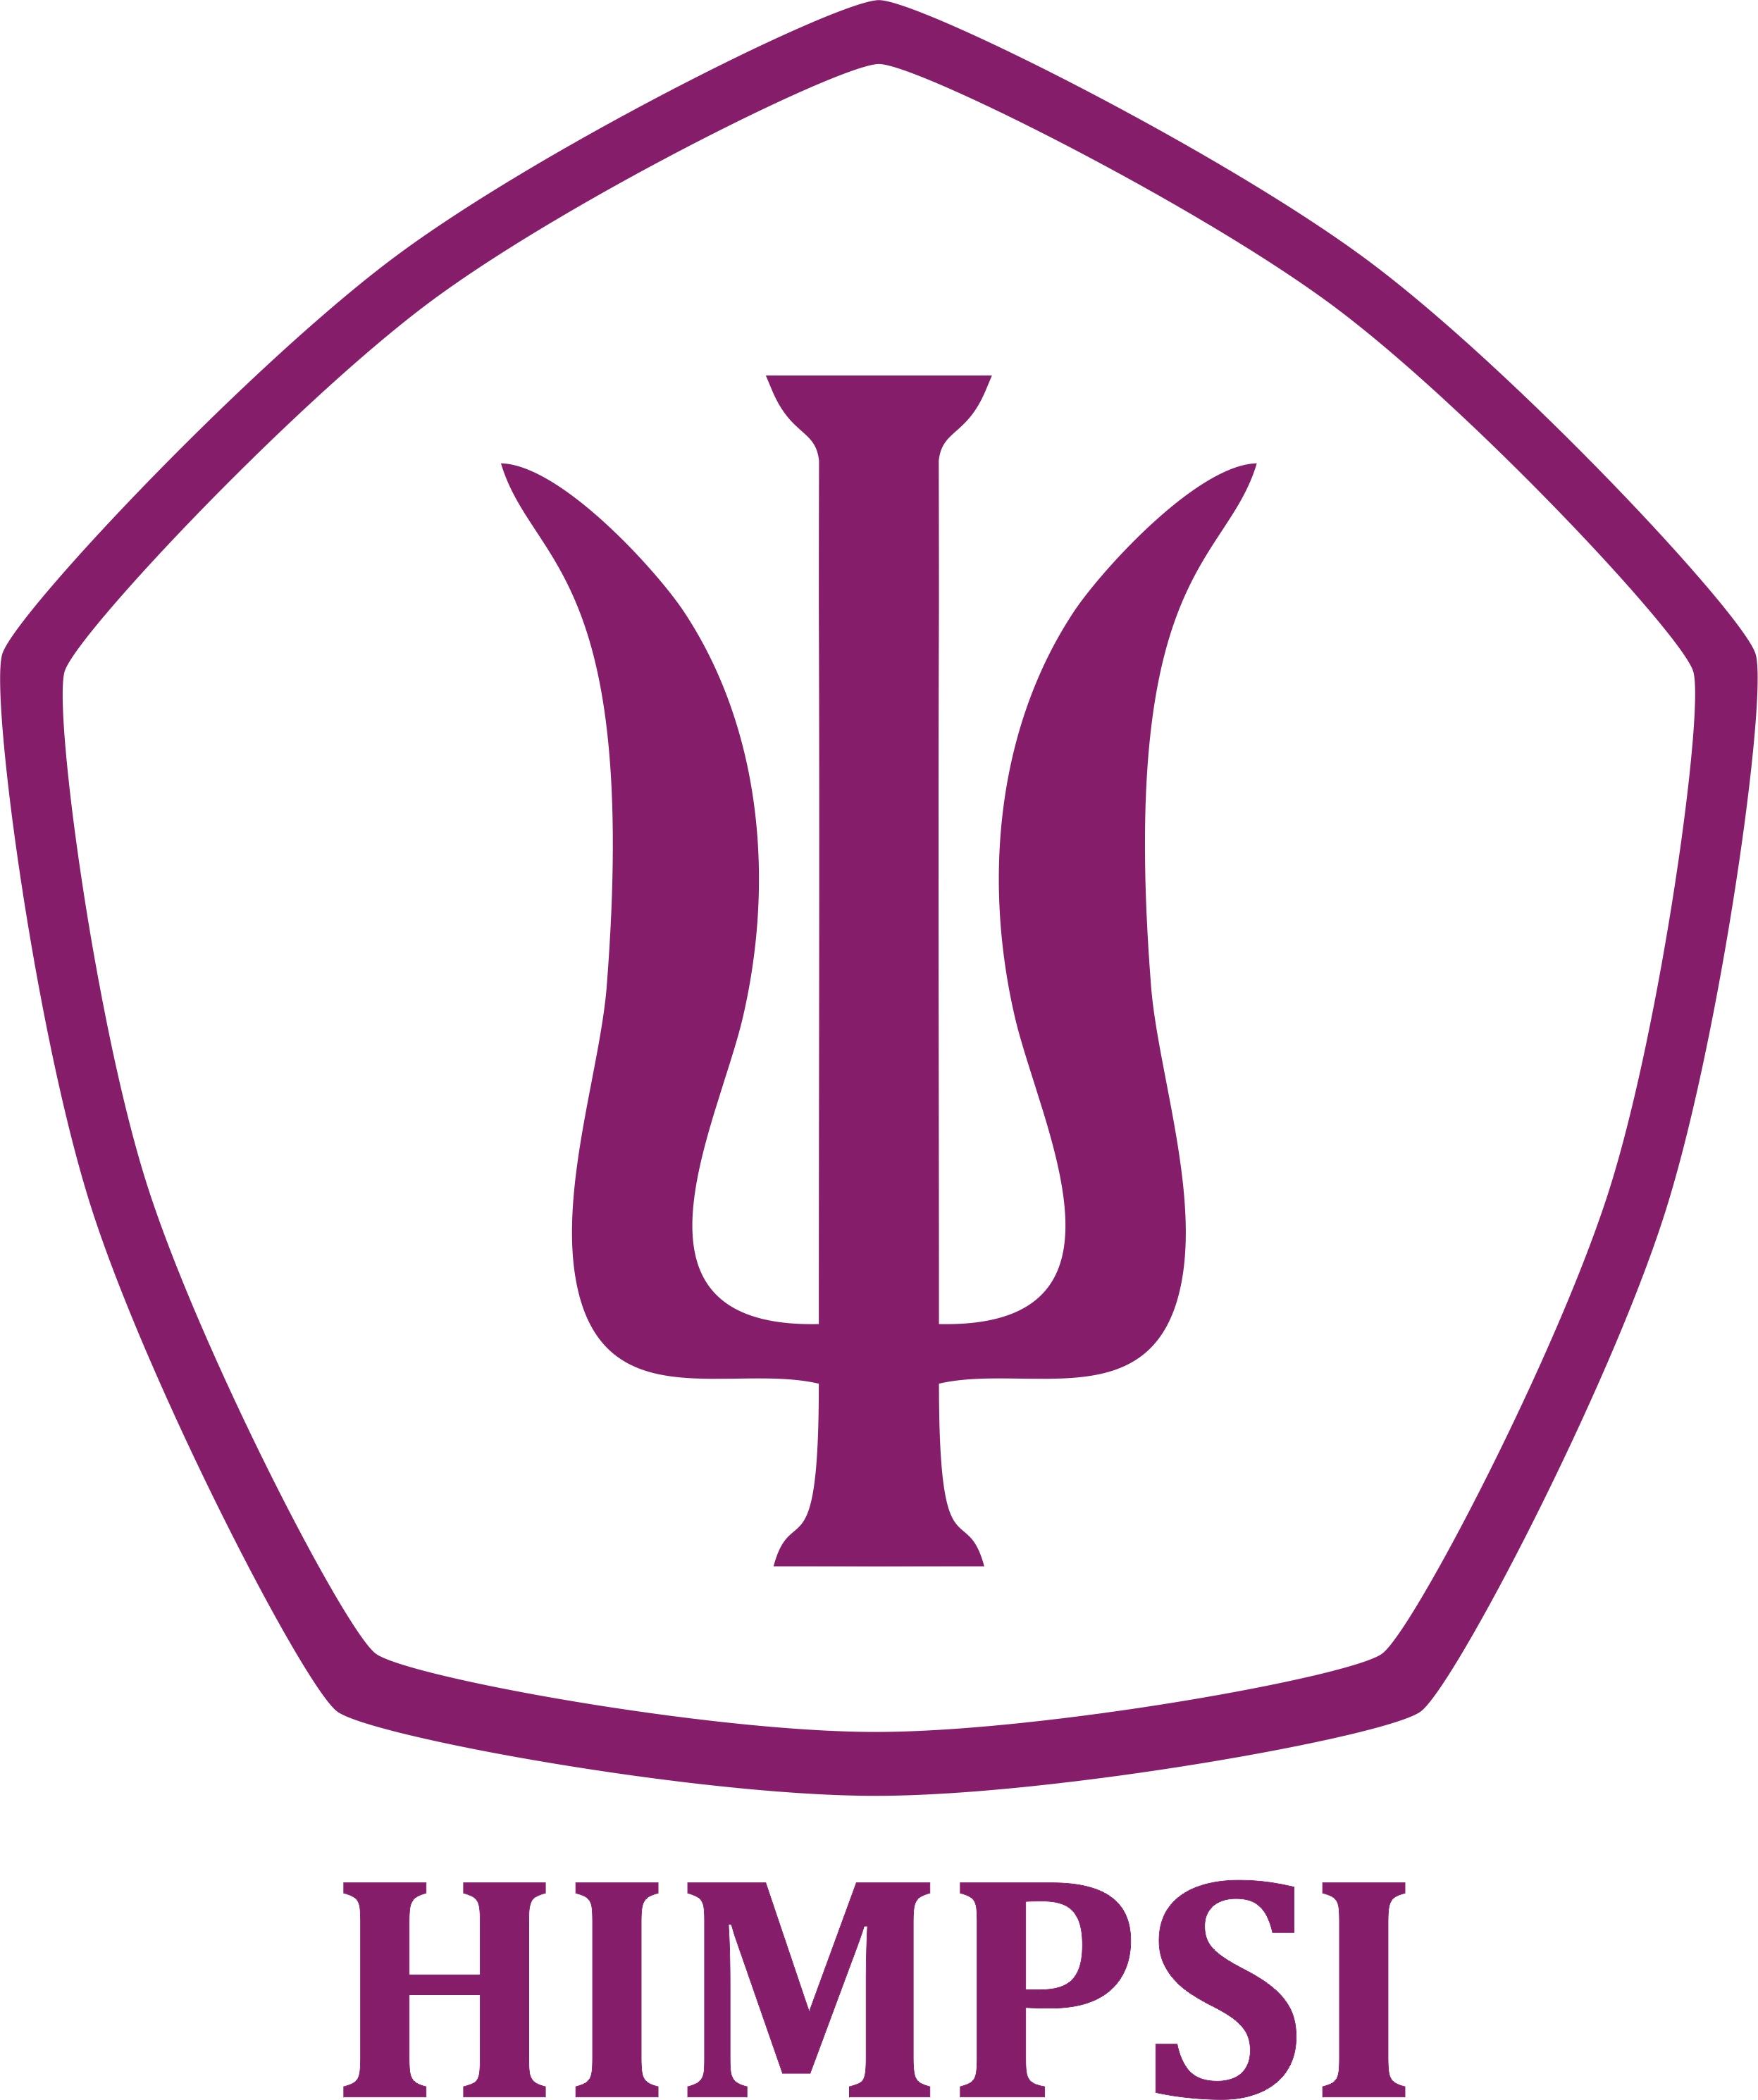 Sambutan Ketua Umum Himpsi Pusat Dalam Rangka Hari Kesehatan Mental Sedunia 2019 Fakultas Psikologi